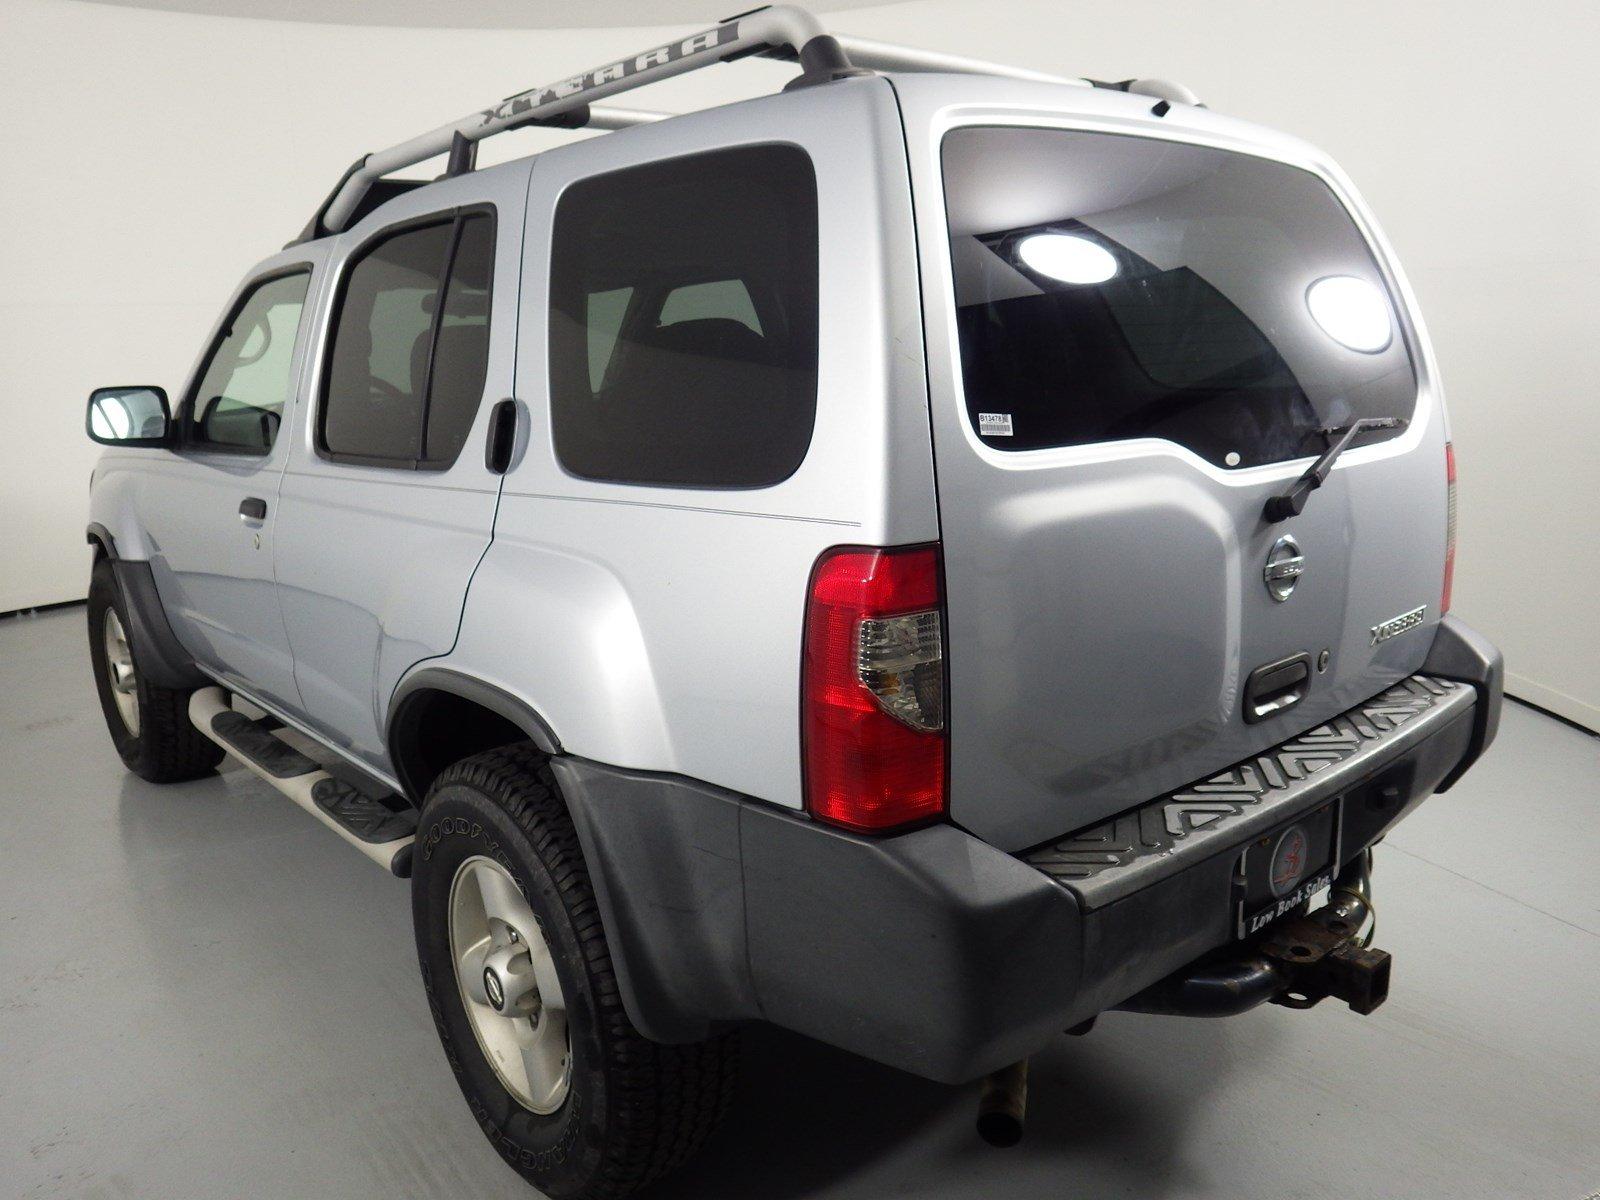 used Nissan Xterra 2002 vin: 5N1ED28Y32C553934